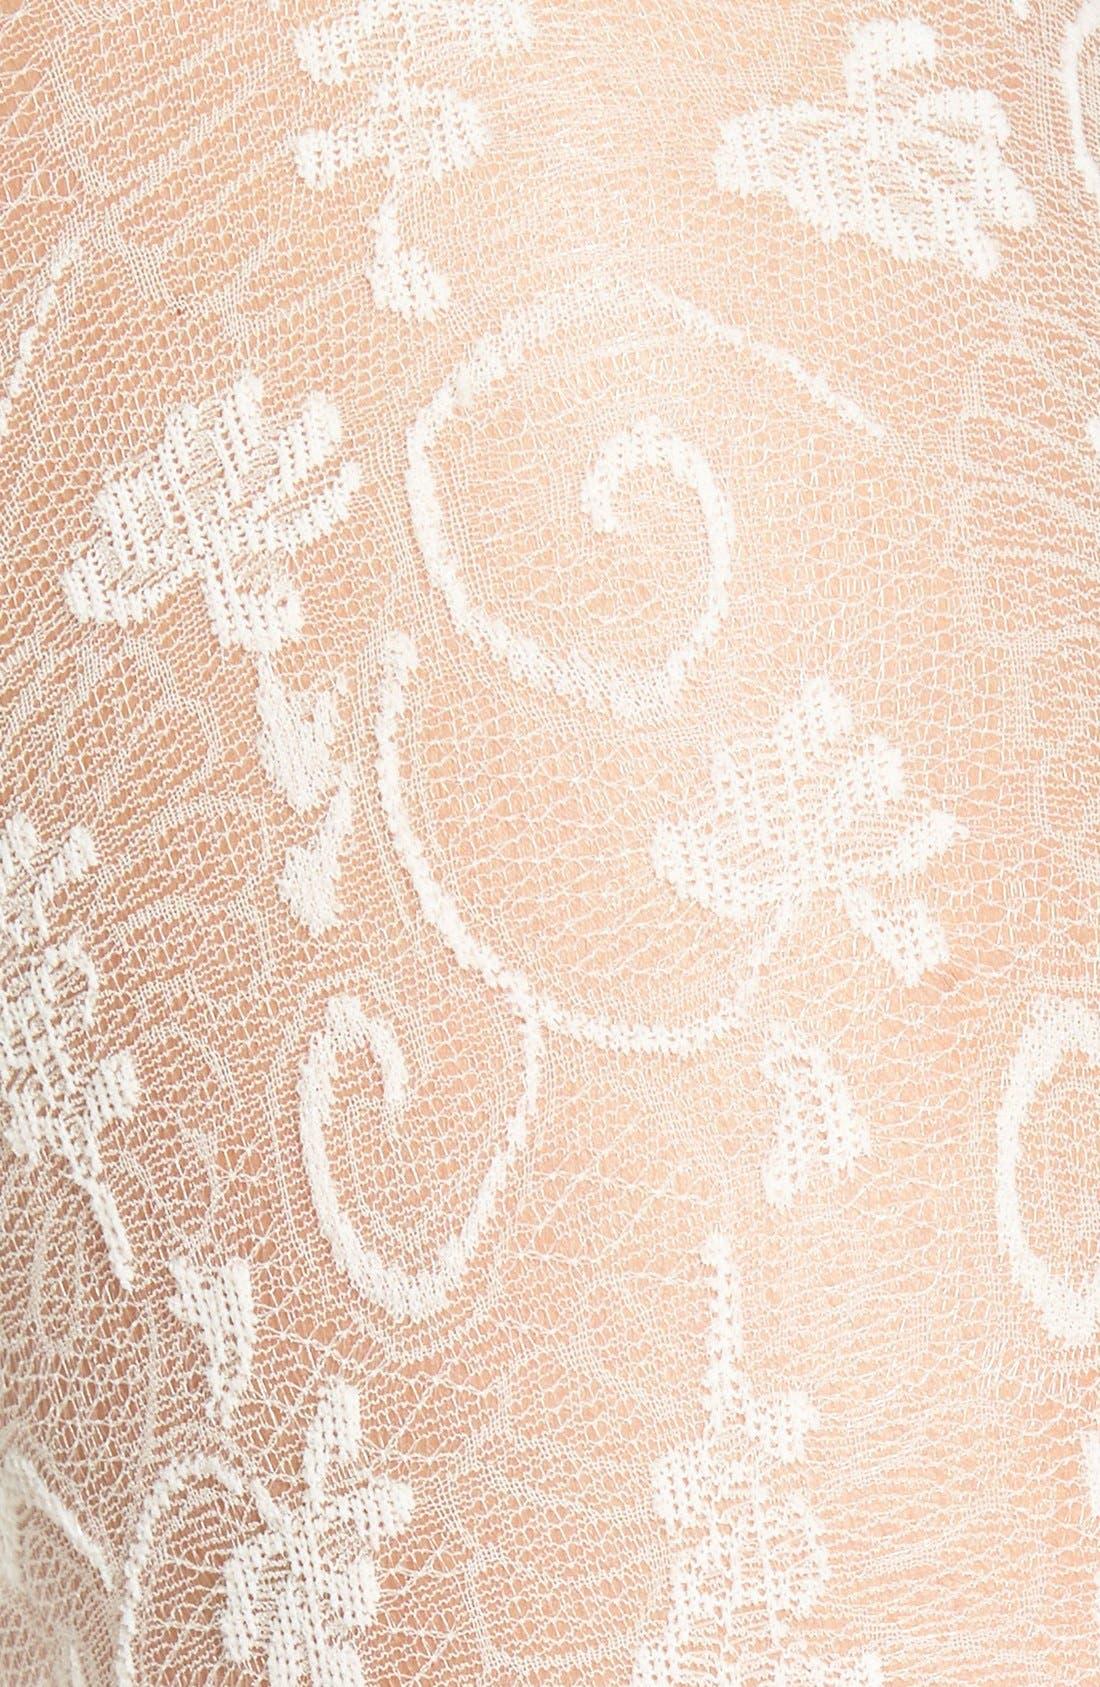 Alternate Image 2  - Oroblu 'Estella' Floral Lace Tights